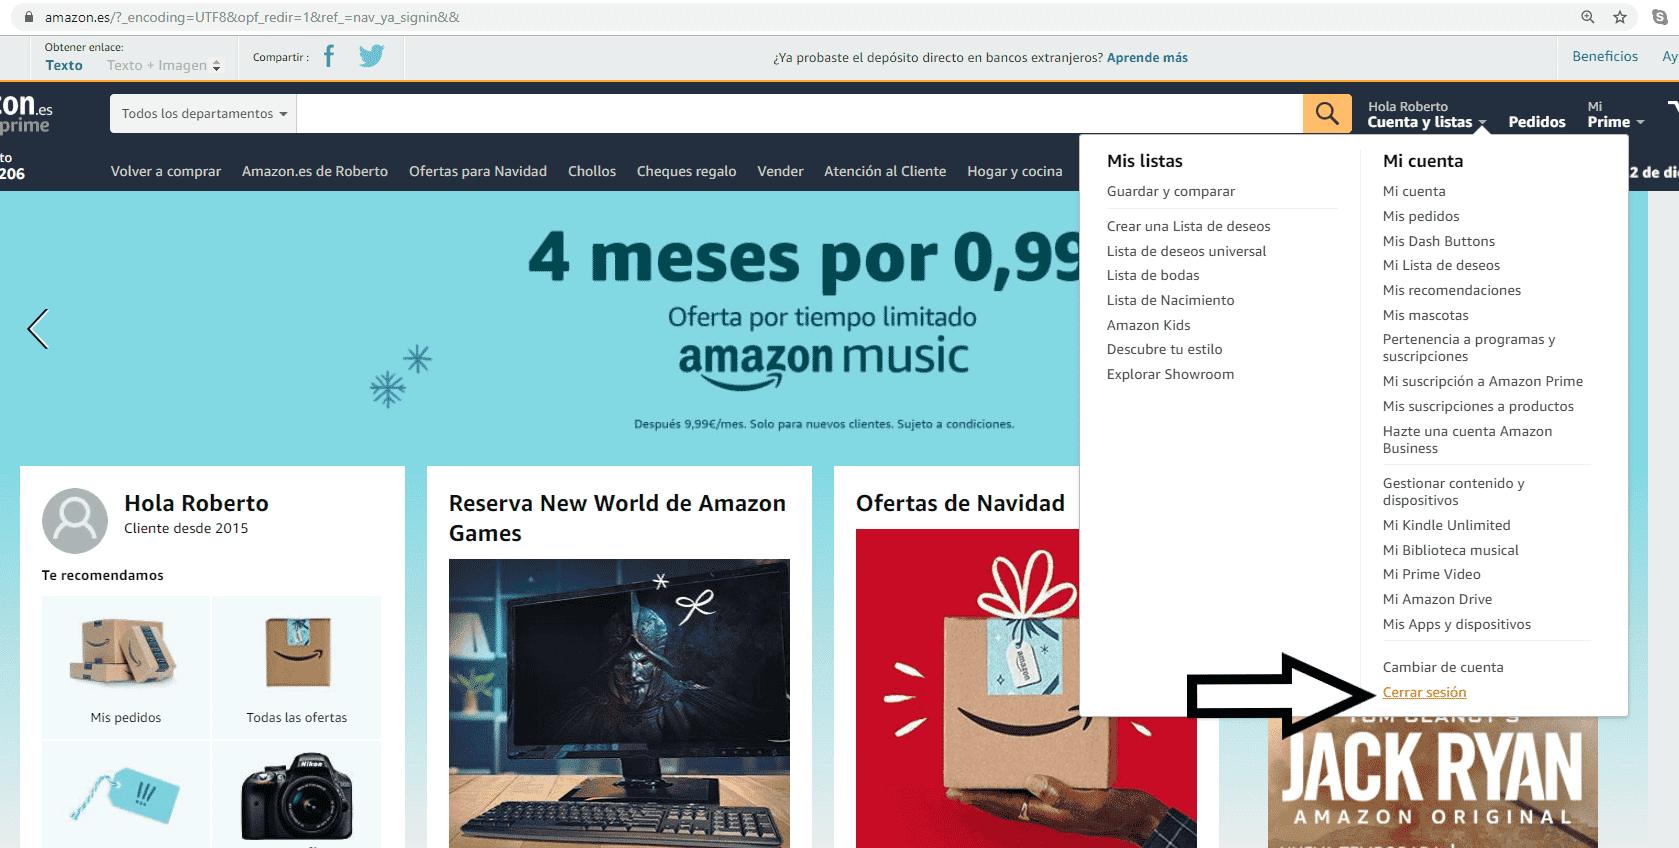 Cerrar-sesión-cuenta-de-Amazon